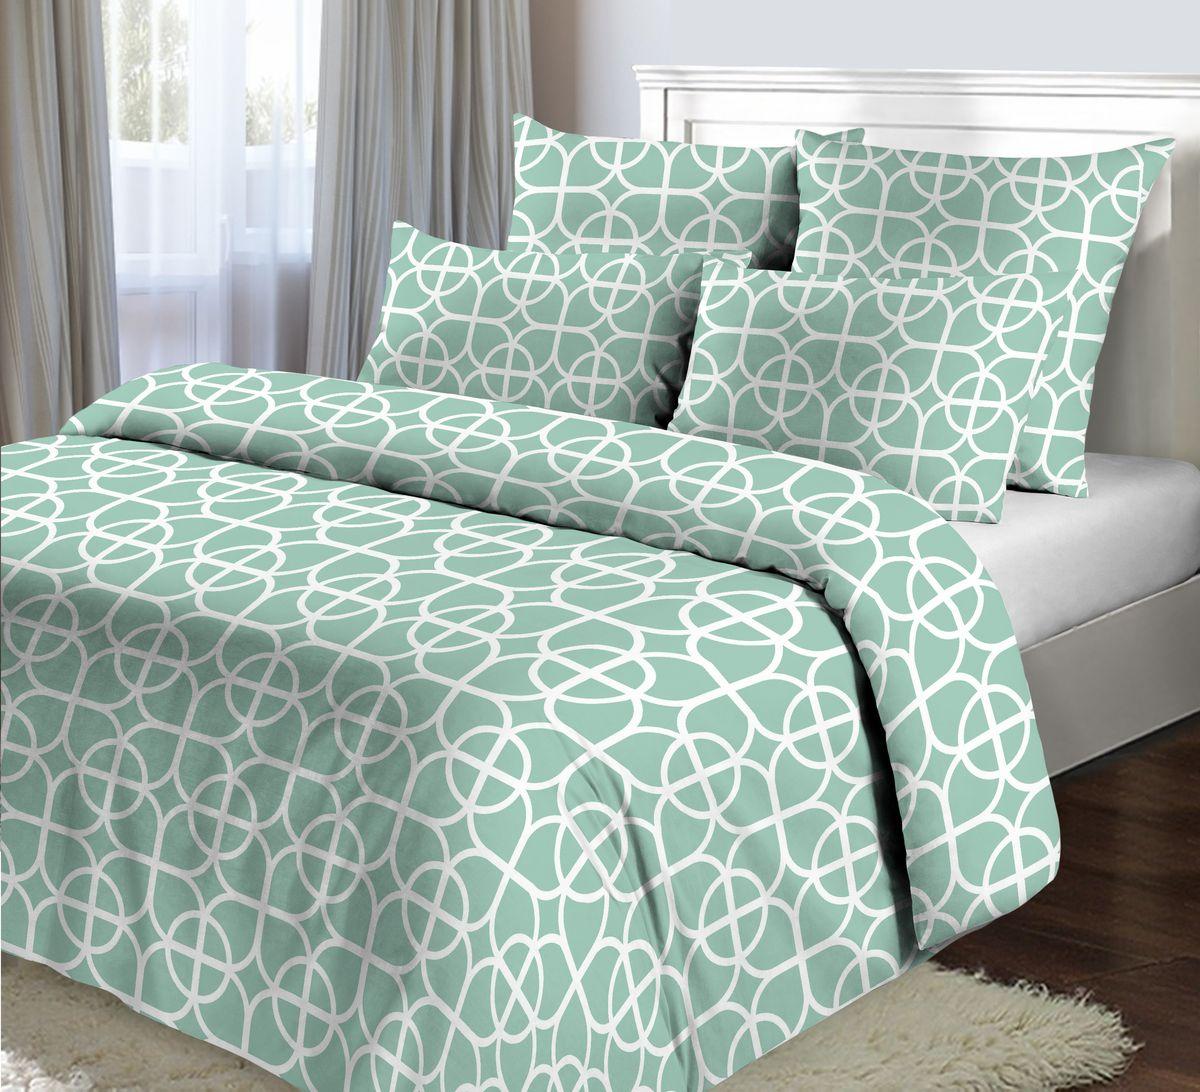 Комплект белья Коллекция Гео-2, 2-спальный, наволочки 70х70ОБК-2/70 5047.4